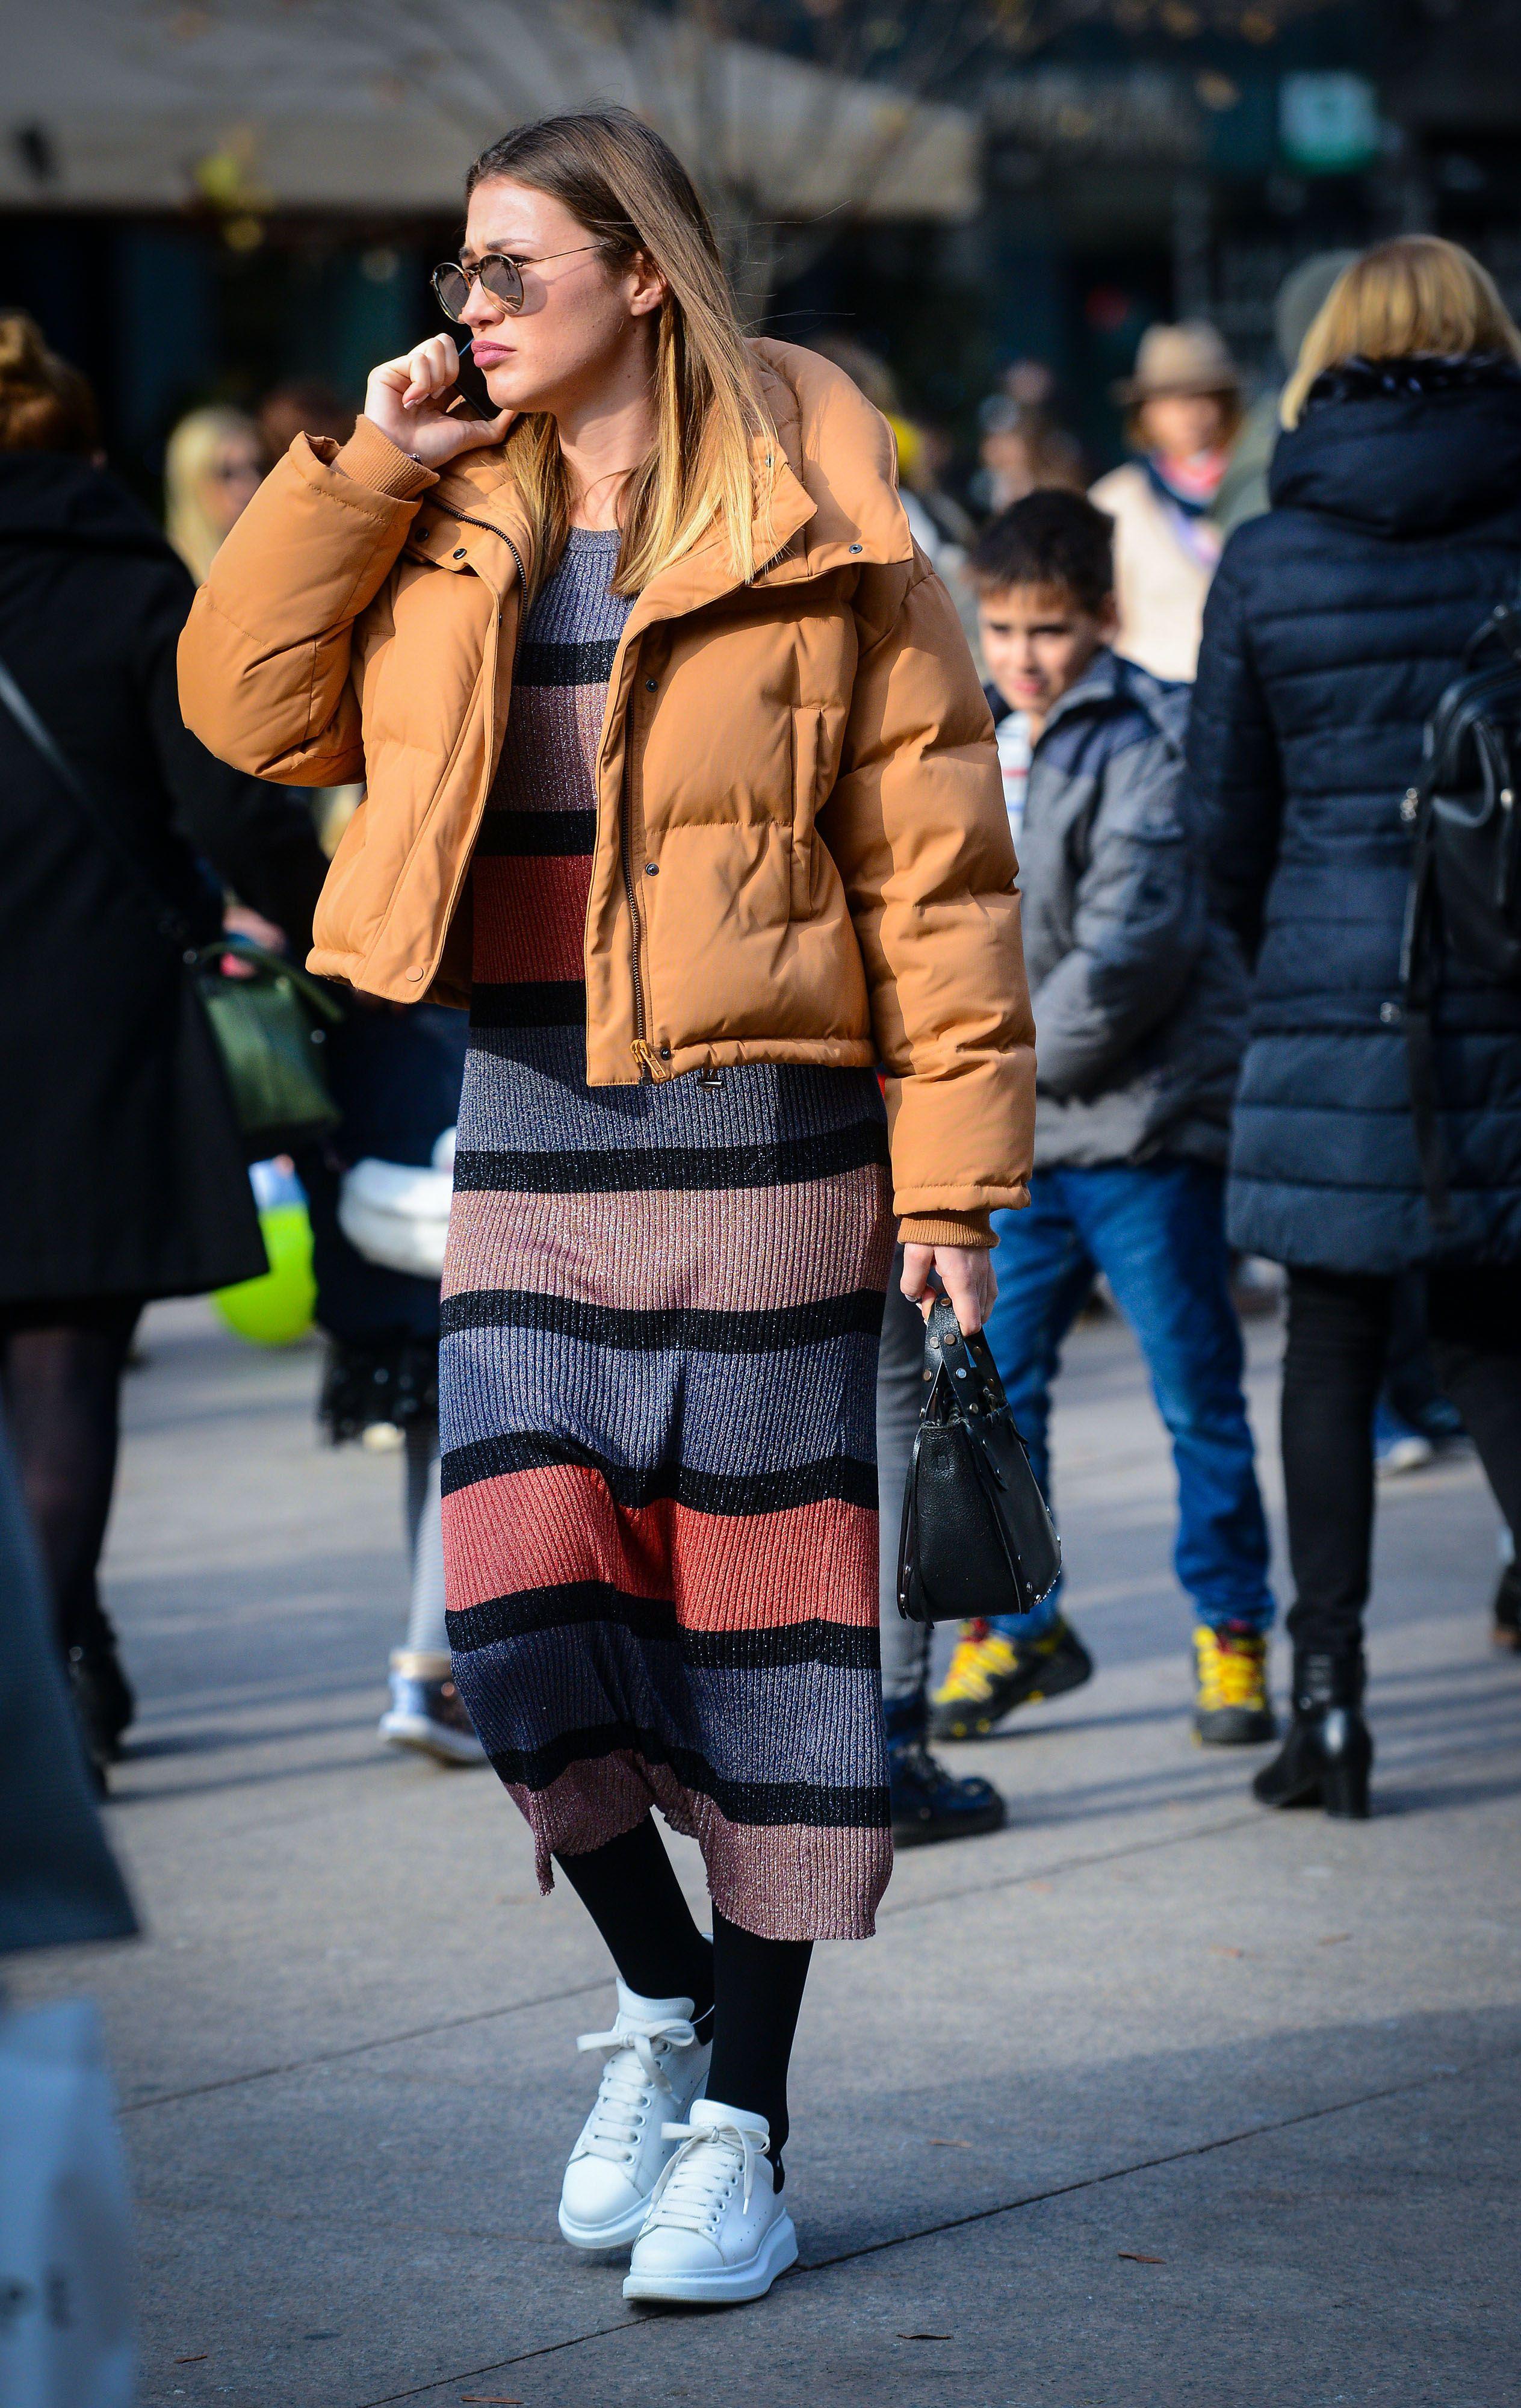 Zgodna djevojka iz Zagreba nosi sve najveće trendove ove sezone